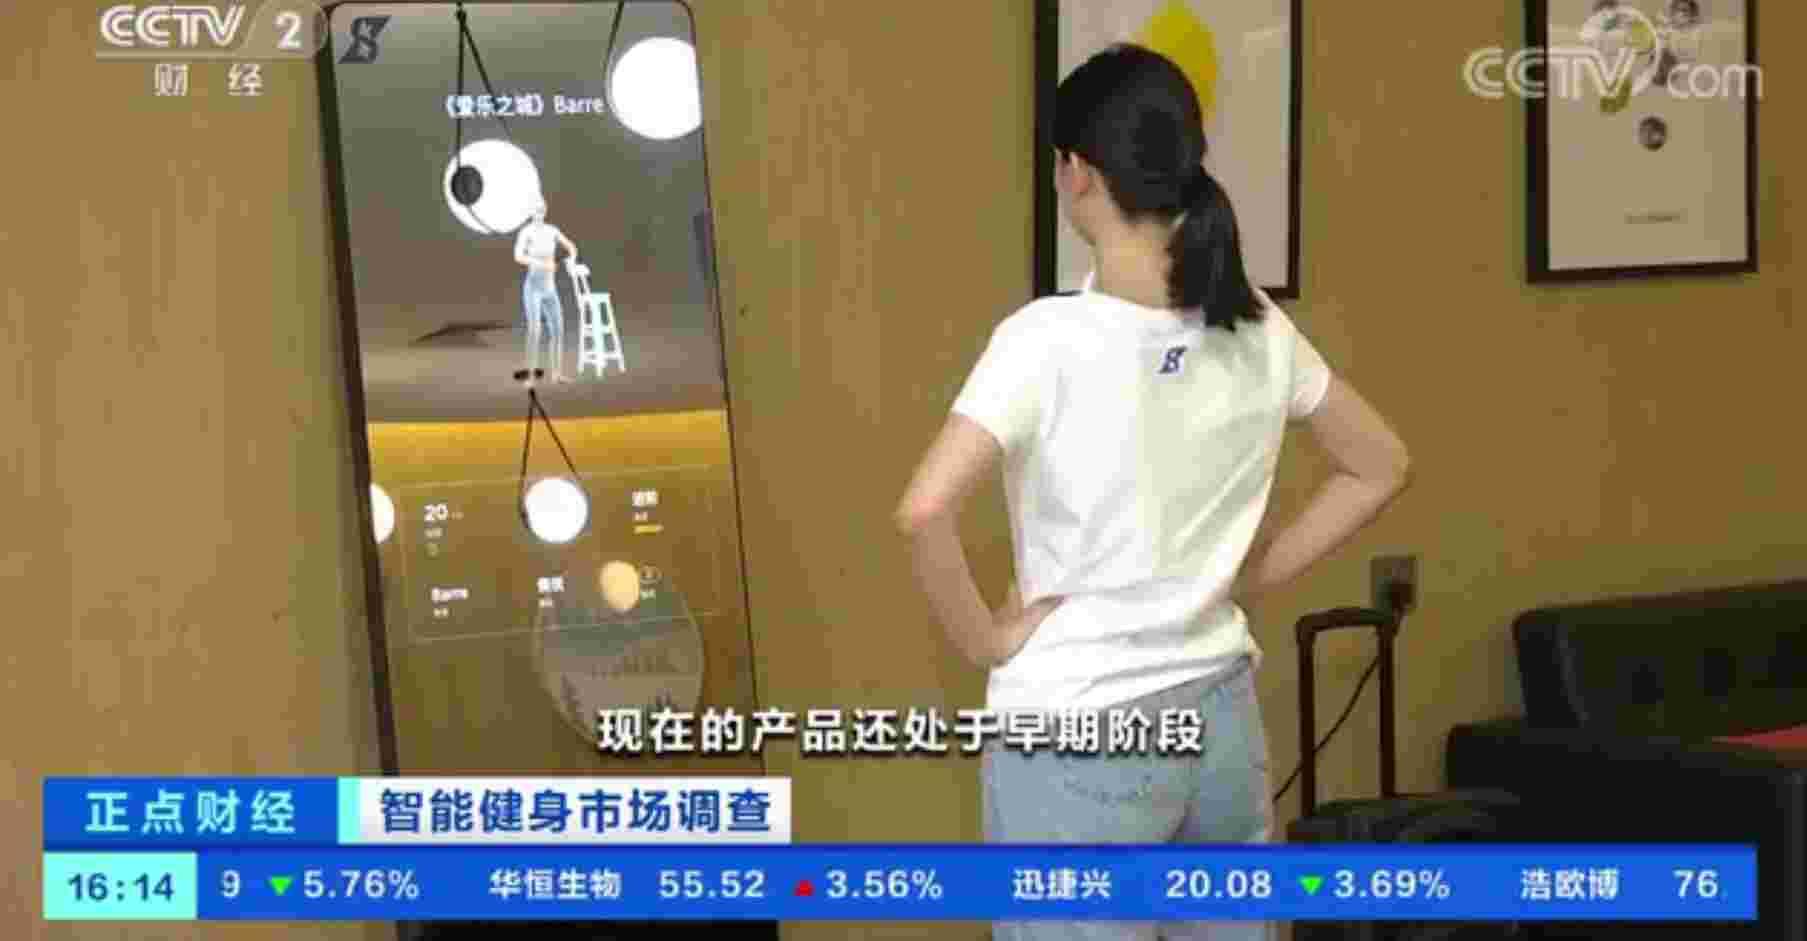 央视节目深度调查智能健身镜,质疑声中的魔镜们其魔力究竟在哪里?